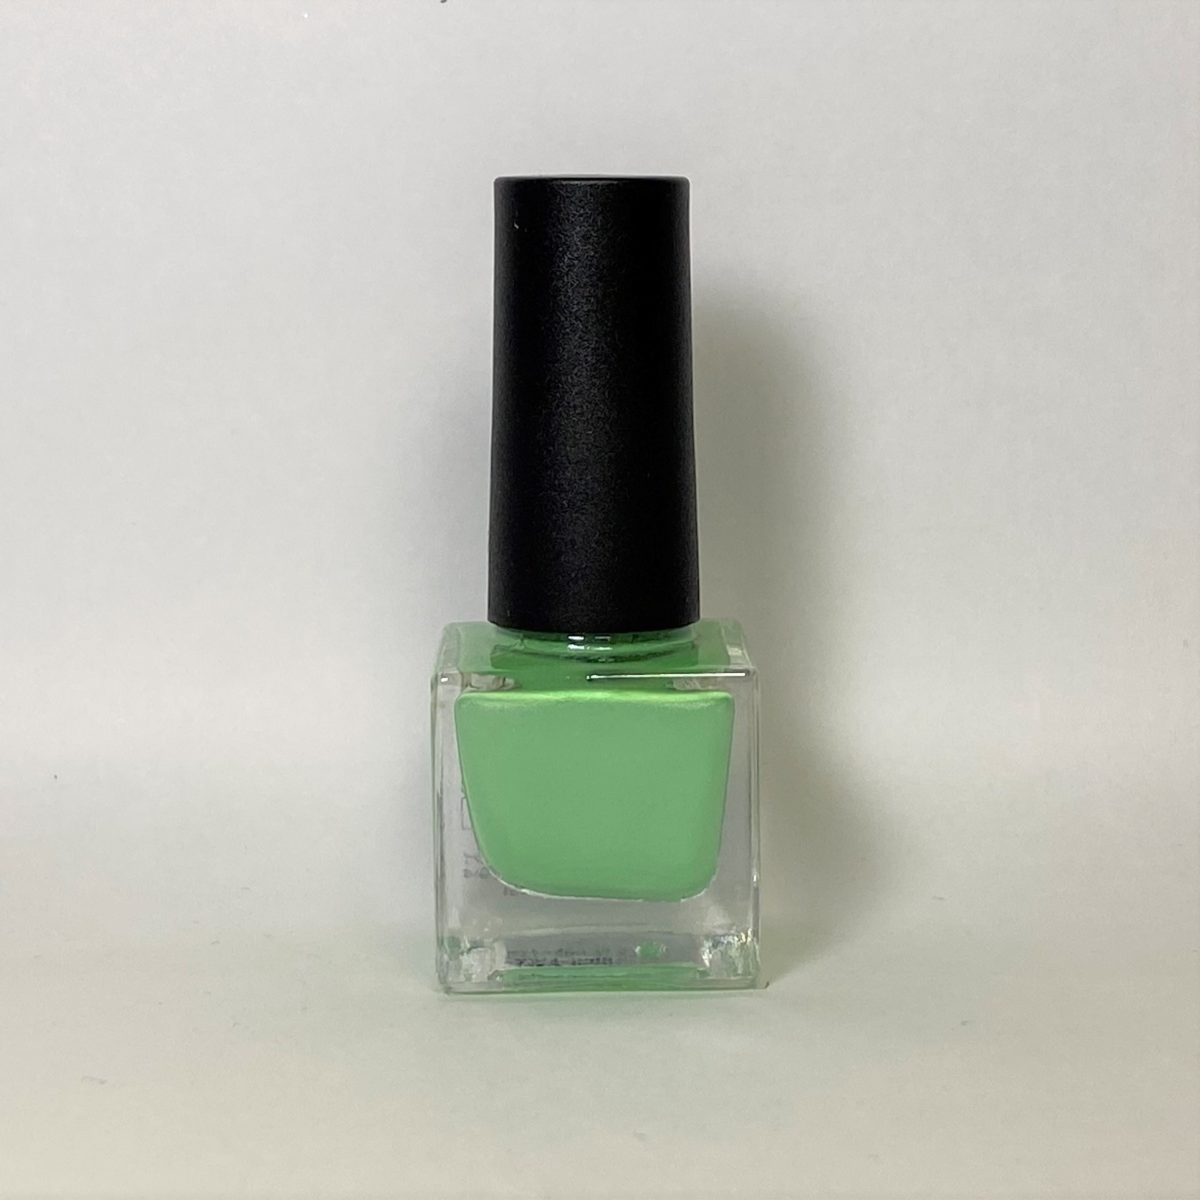 ネイルポリッシュ R20 Light Green